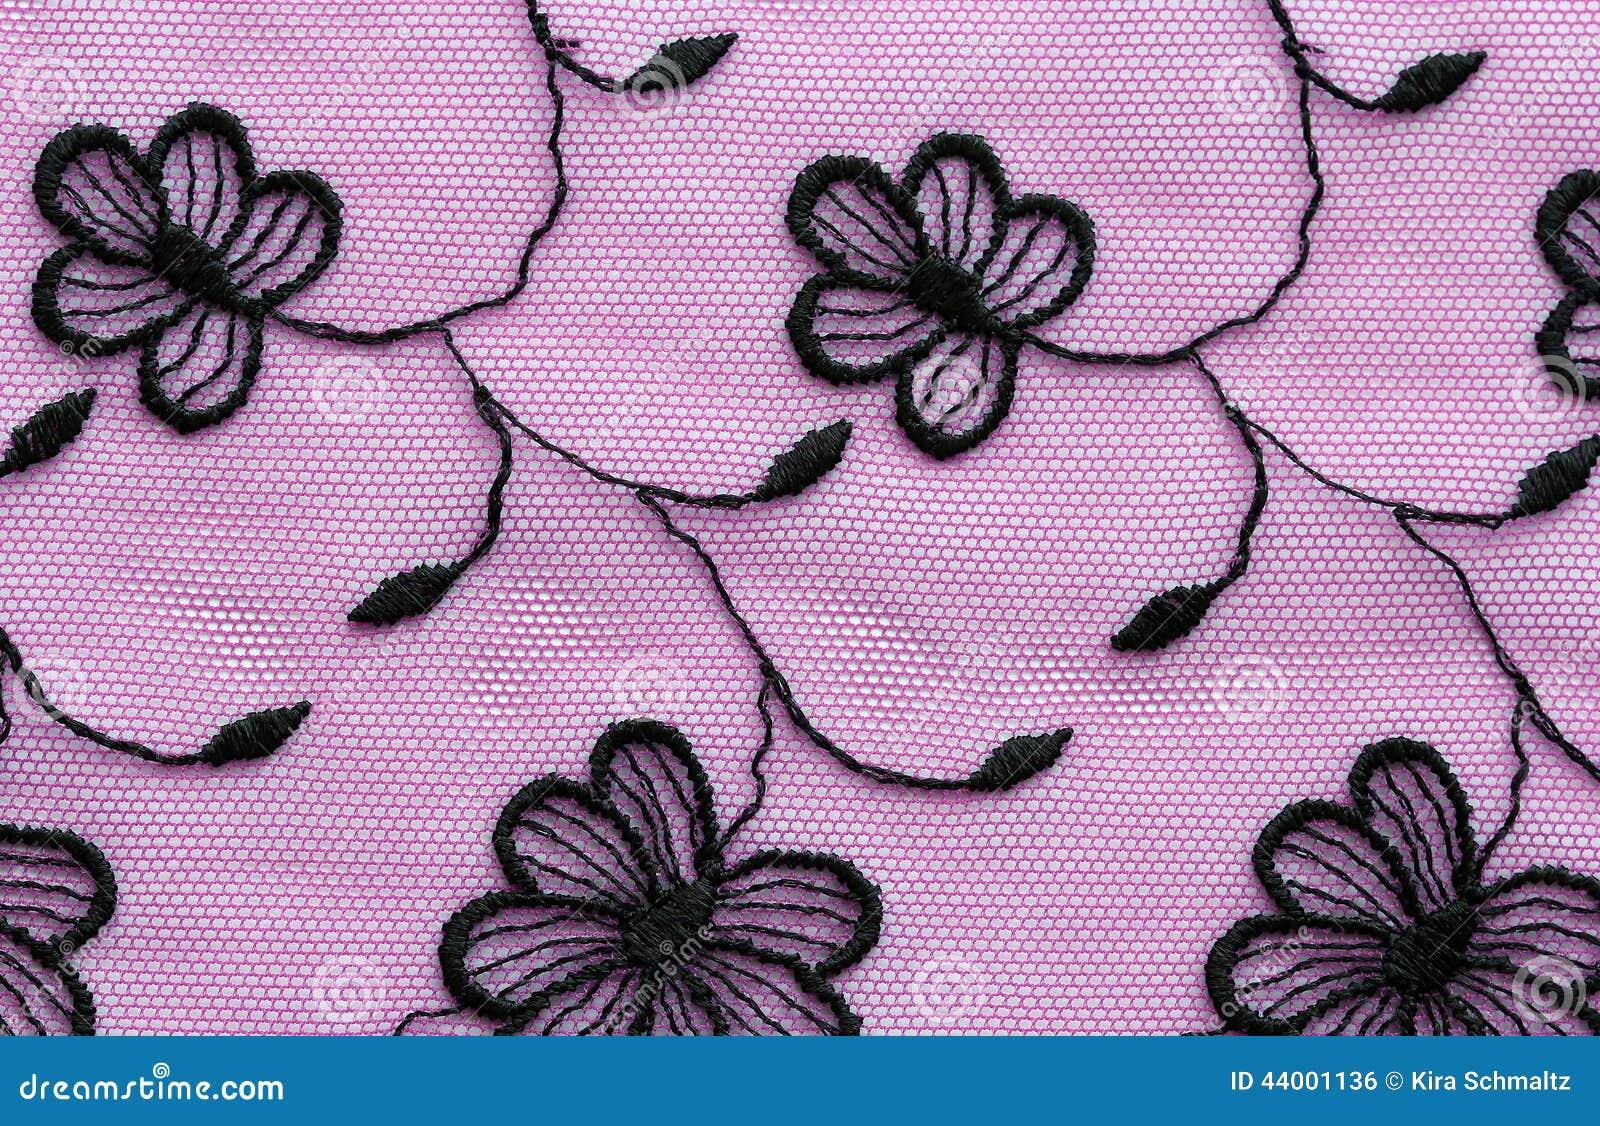 Ο Μαύρος στο ρόδινο λουλουδιών μακρο πυροβολισμό σύστασης δαντελλών υλικό